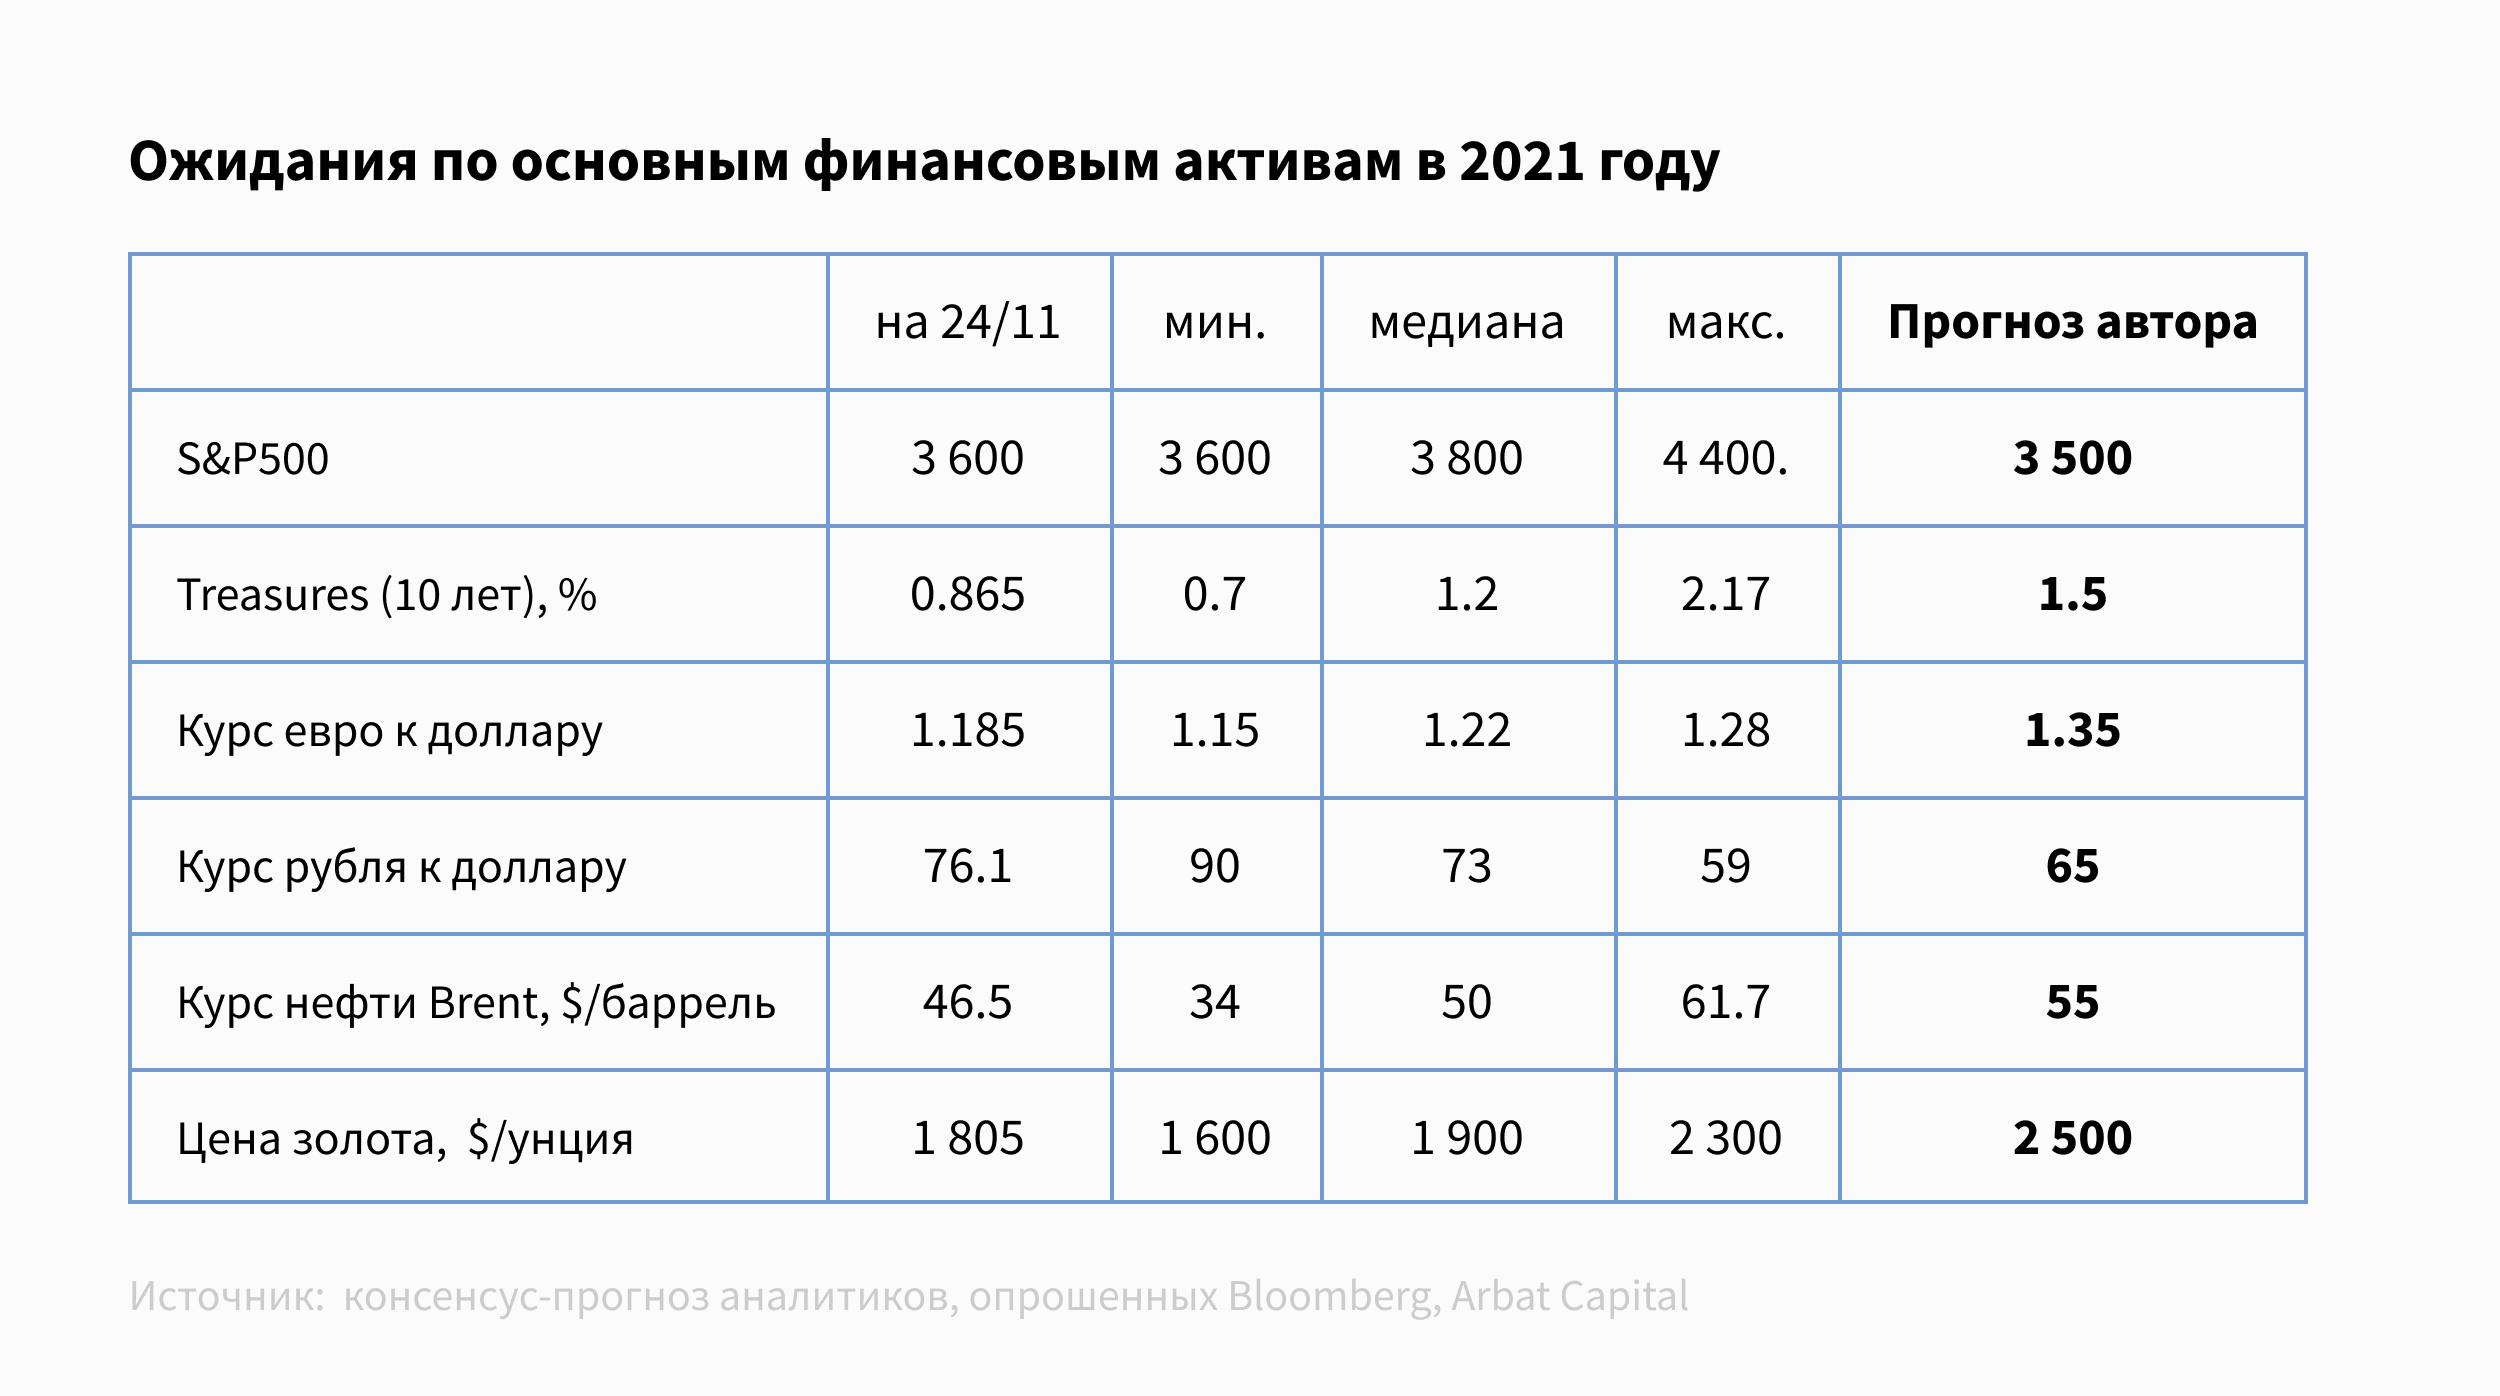 агро казино промокод за сегодня 2021 за регистрацию с выводом